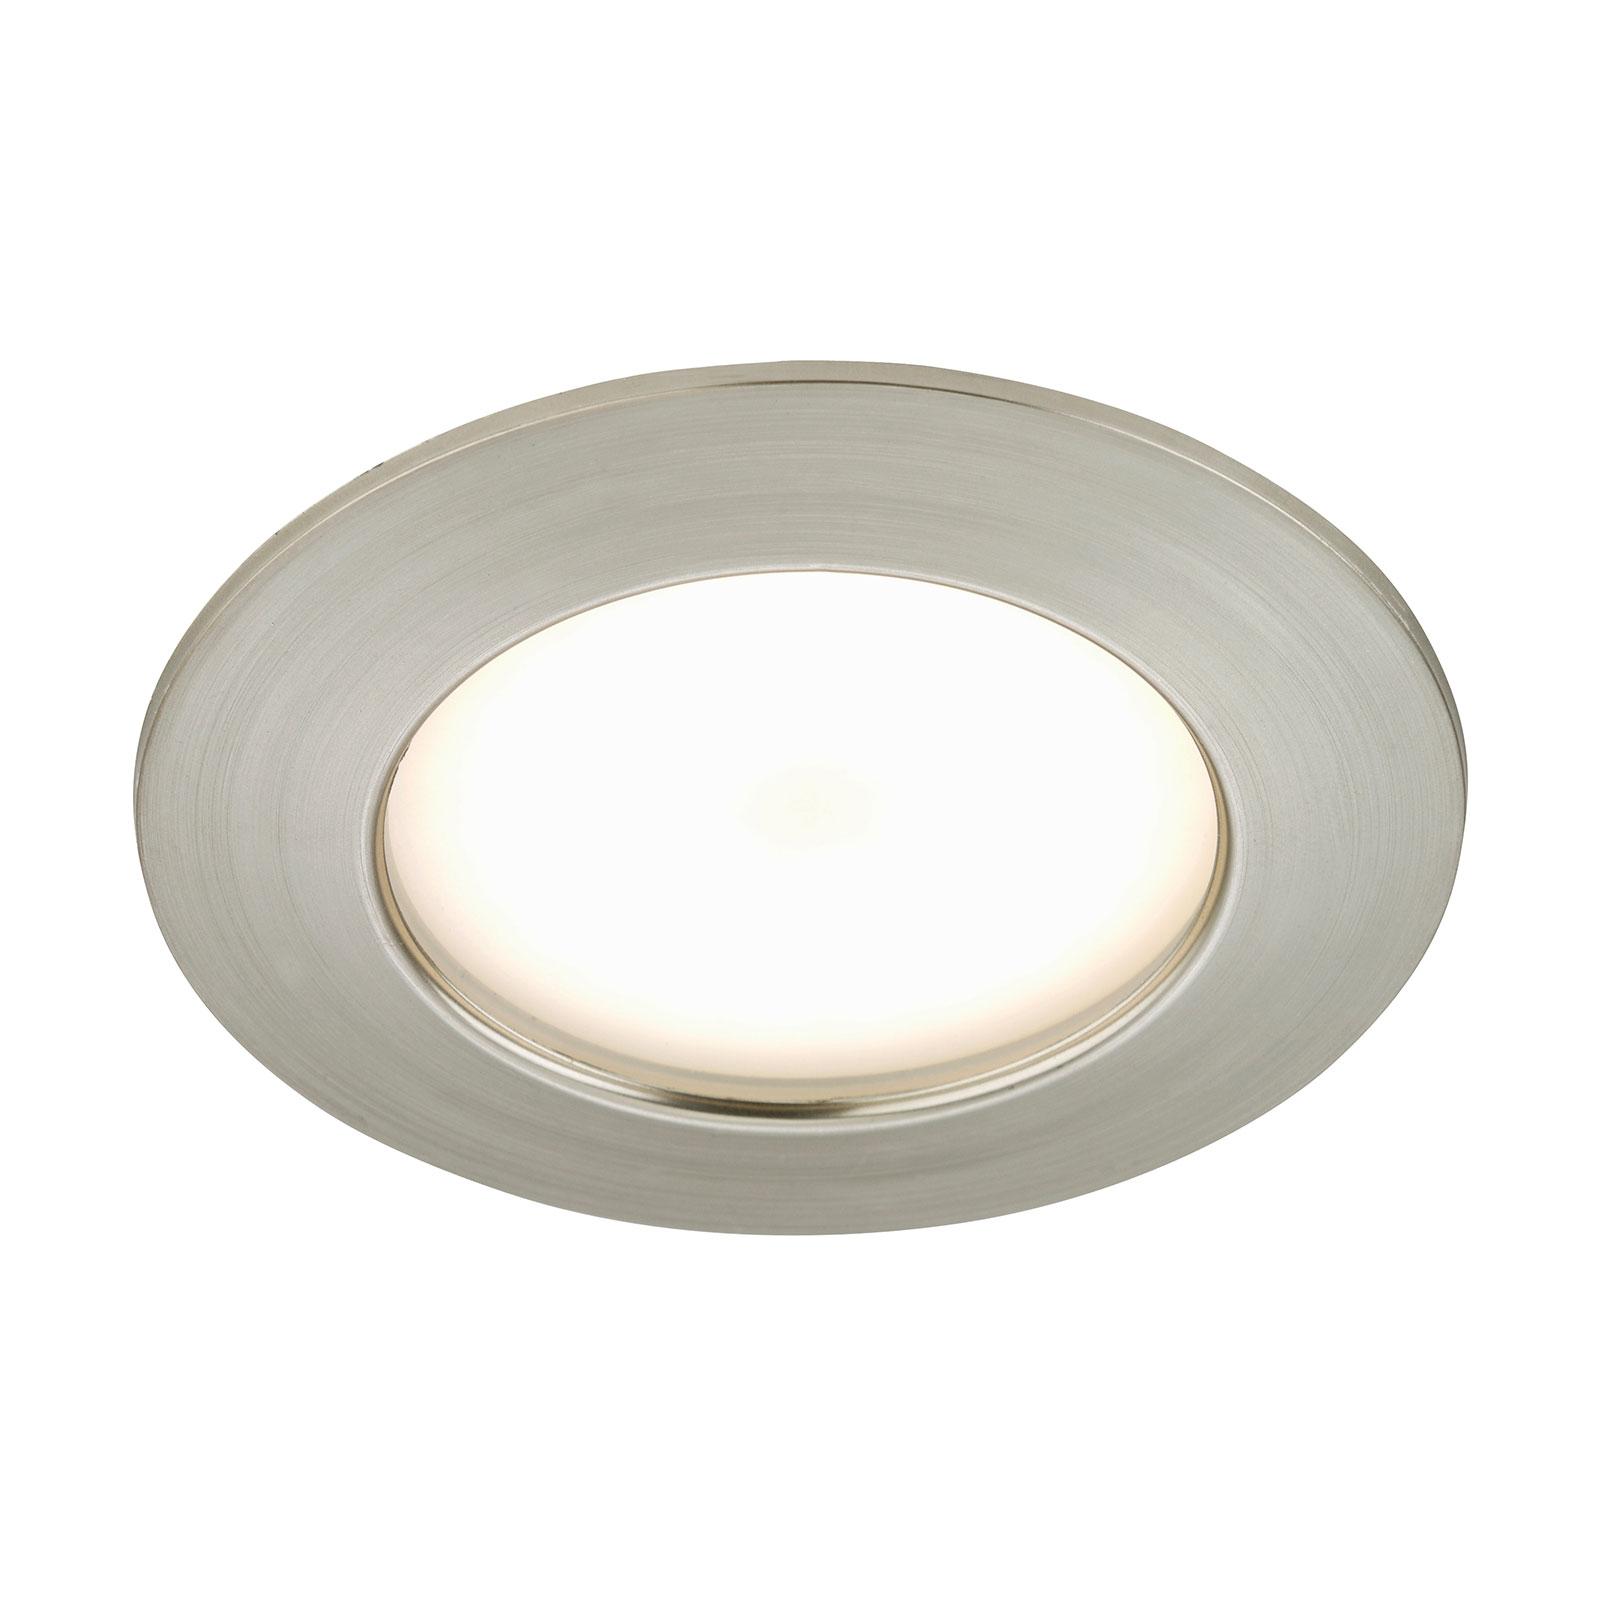 Ljusstark LED-inbyggnadslampa Elli, nickel matt